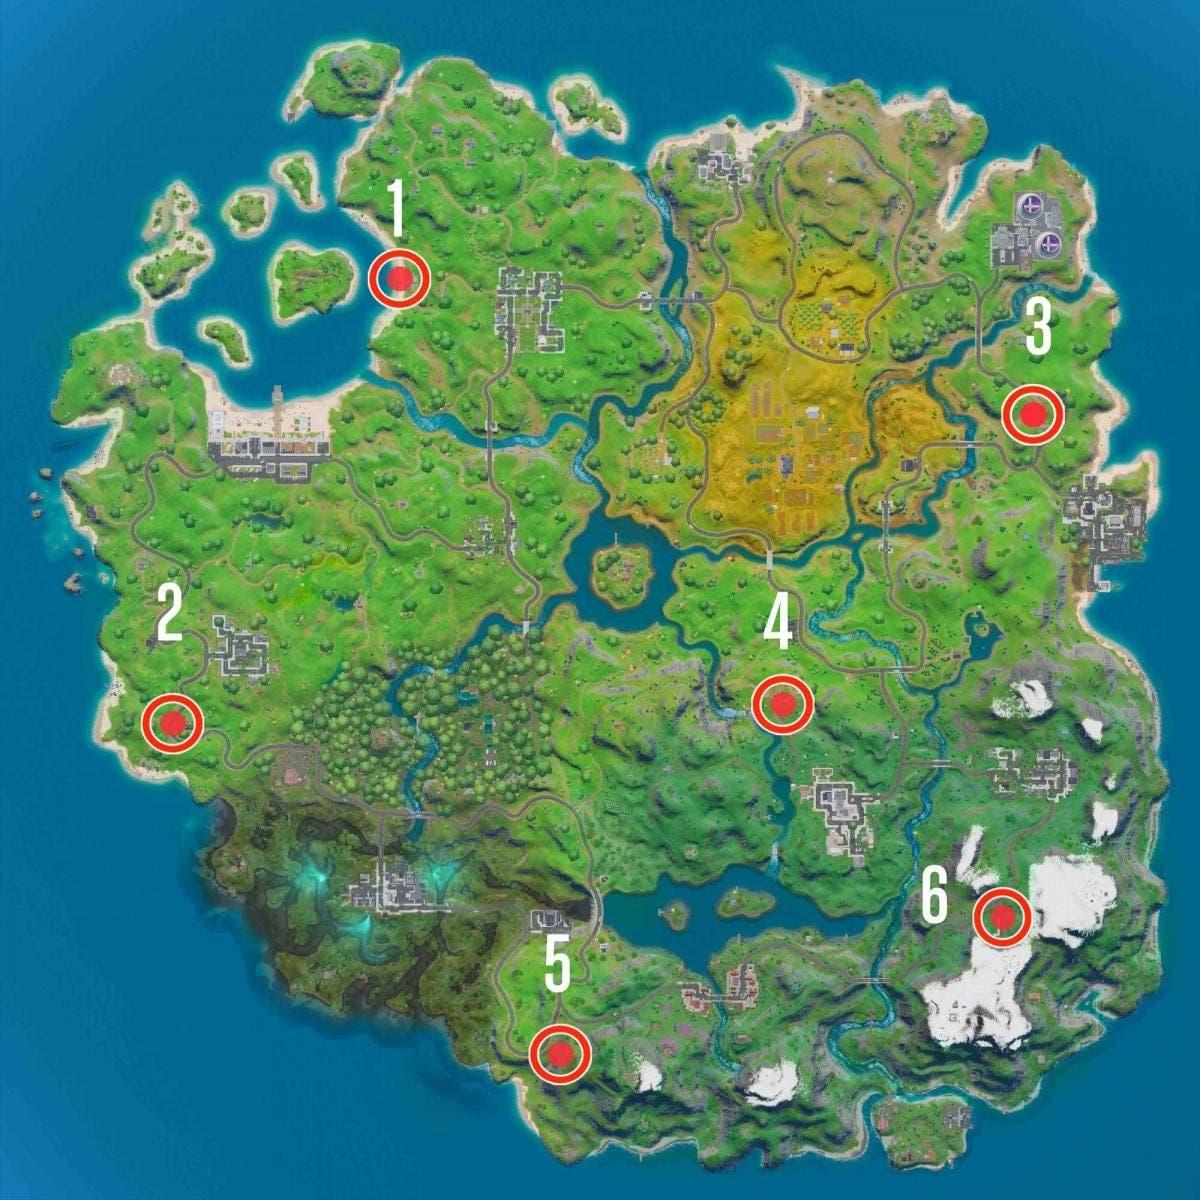 Cómo completar los desafíos 'Forjado en Sorbete' en Fortnite 3